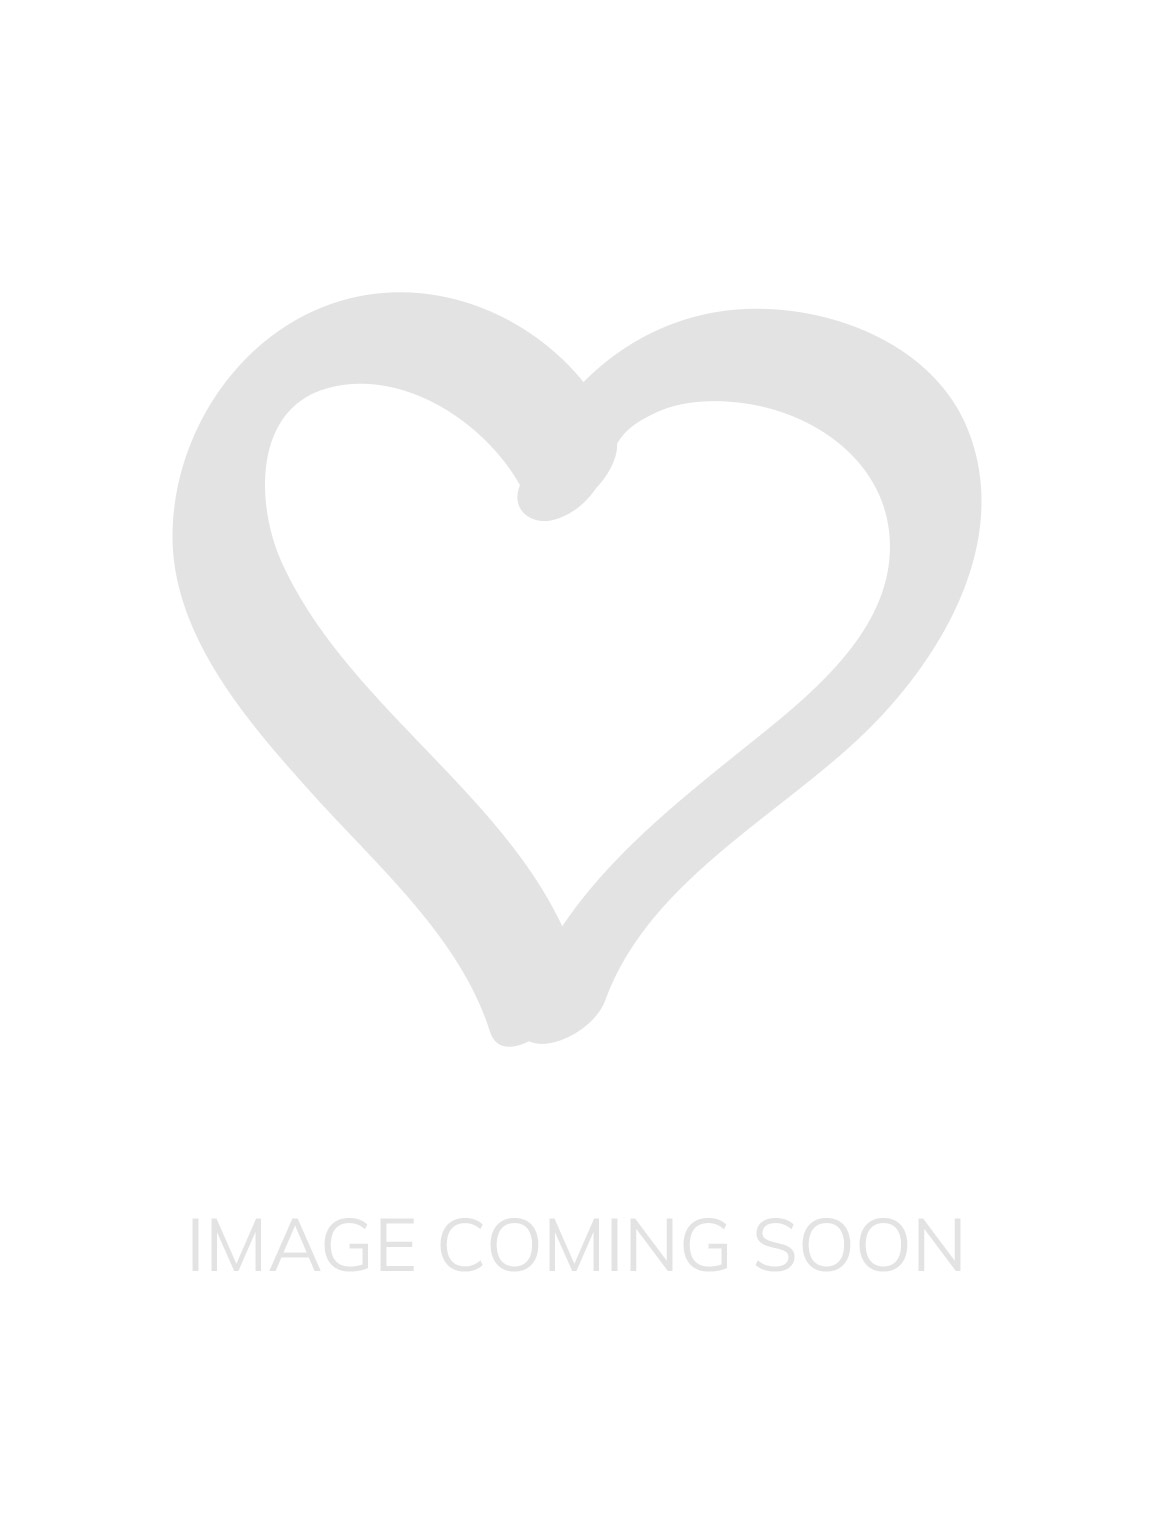 538575259 Ultimate Run Sports Bra - Ocean Waves